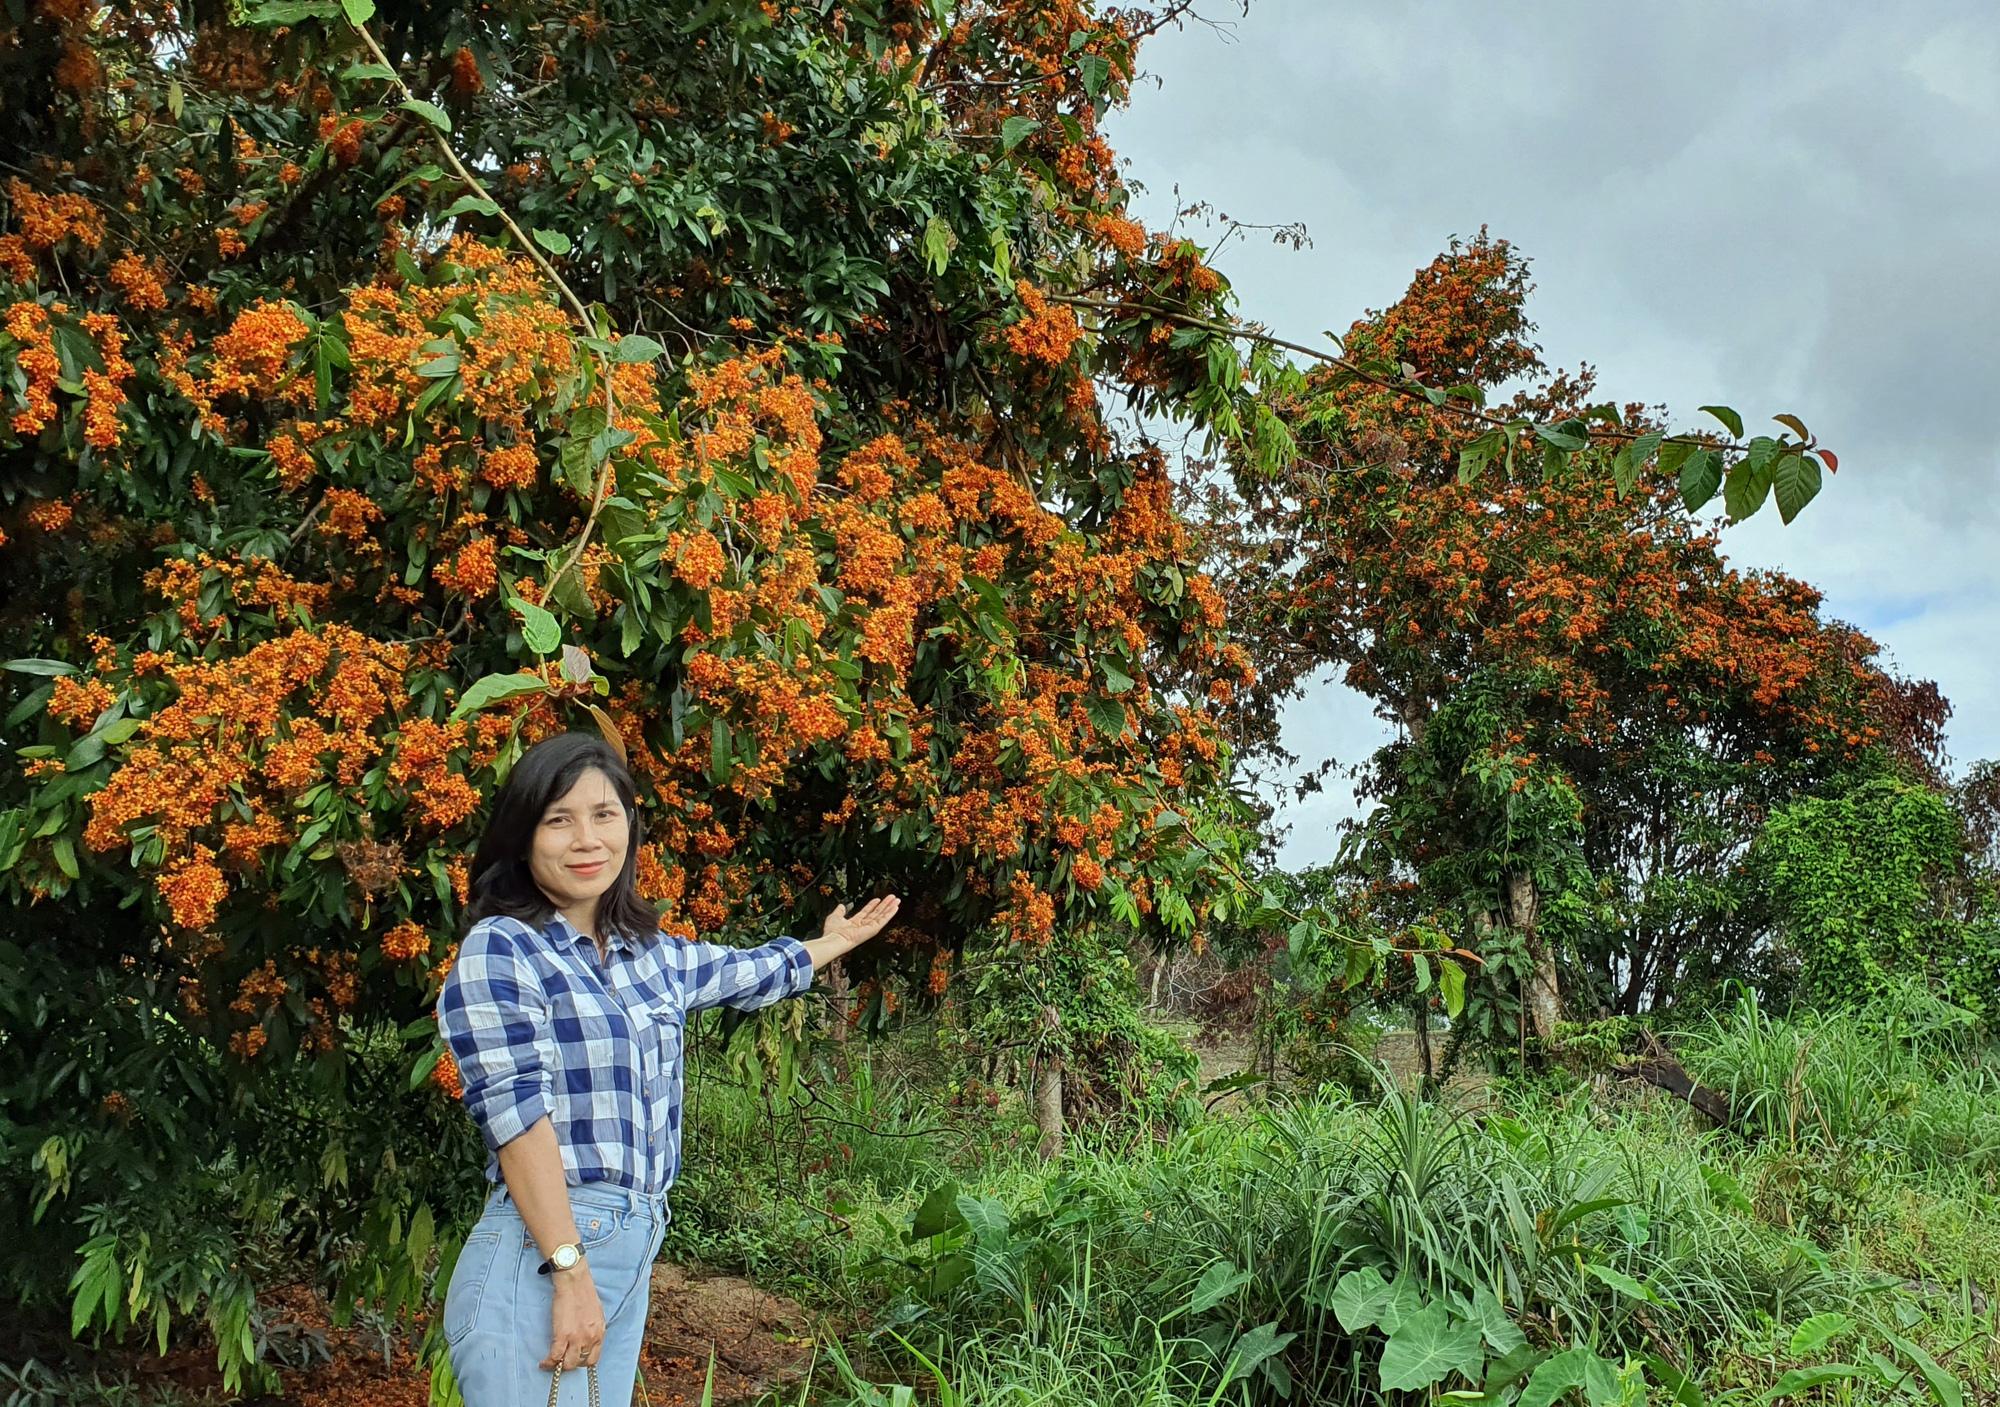 Phú Yên: Đẹp mê mẩn hoa trang rừng cổ thụ bung nở rực rỡ - Ảnh 6.